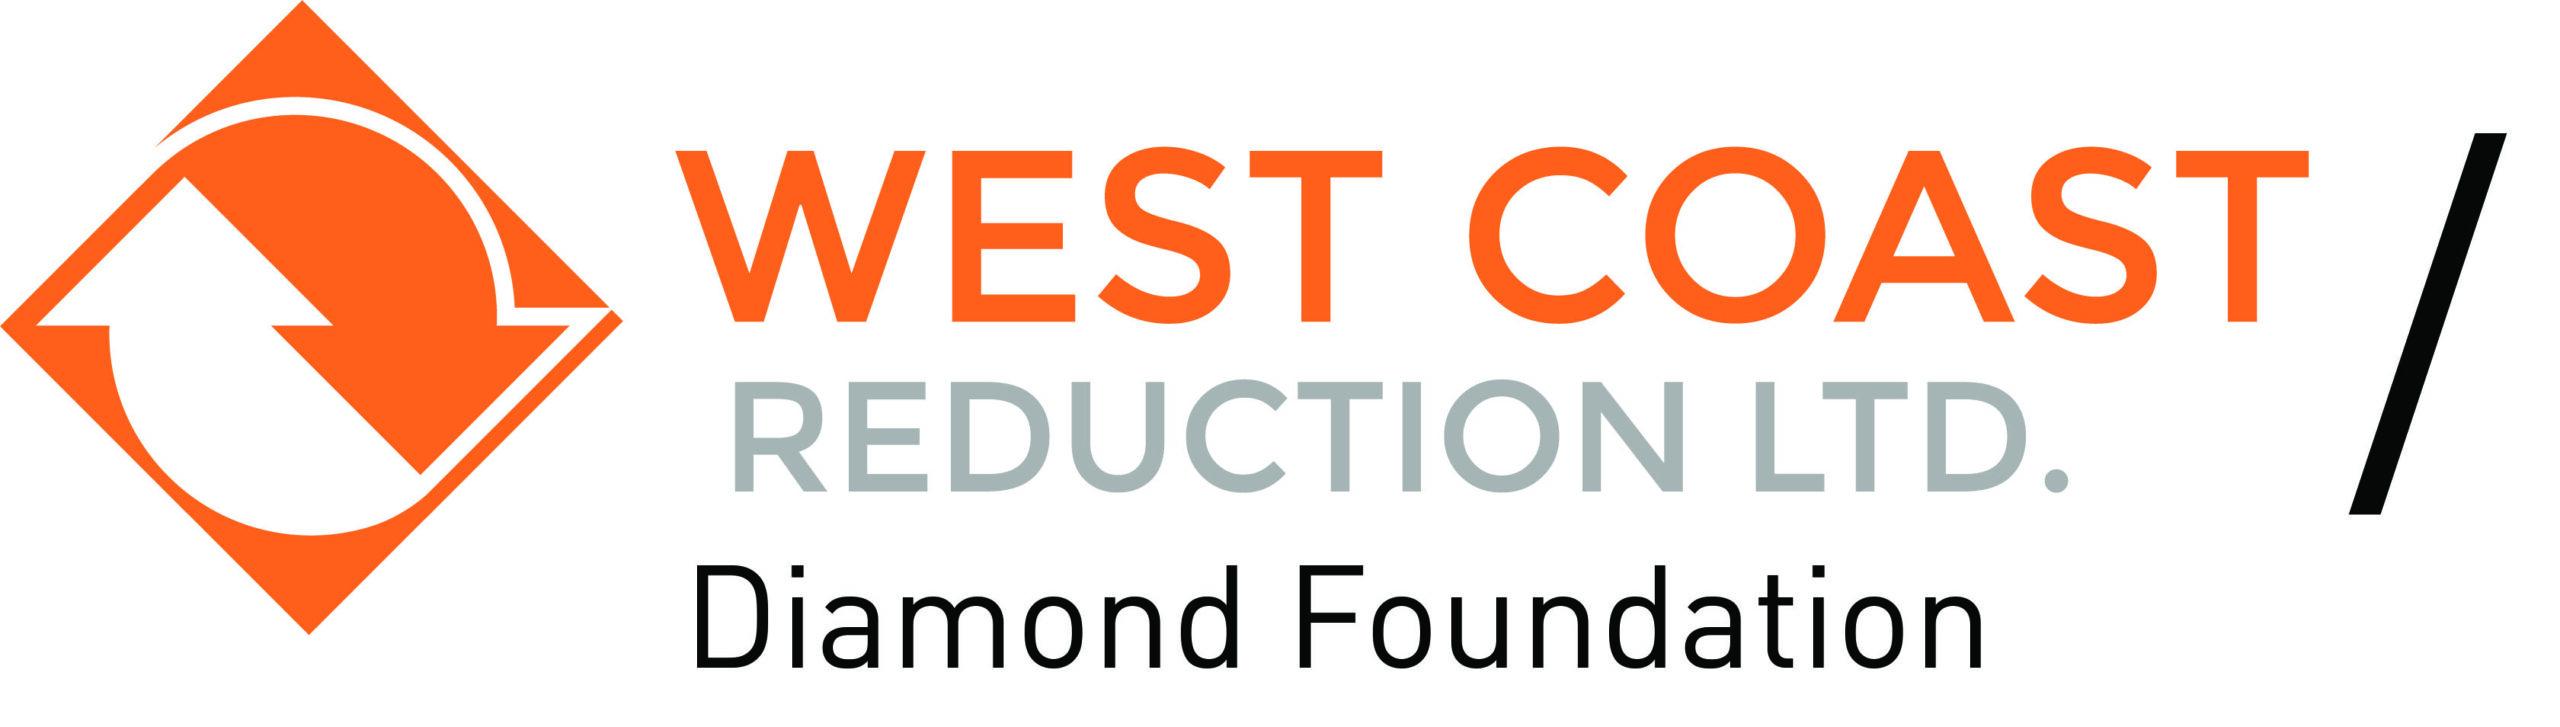 West Coast Reduction Limited logo